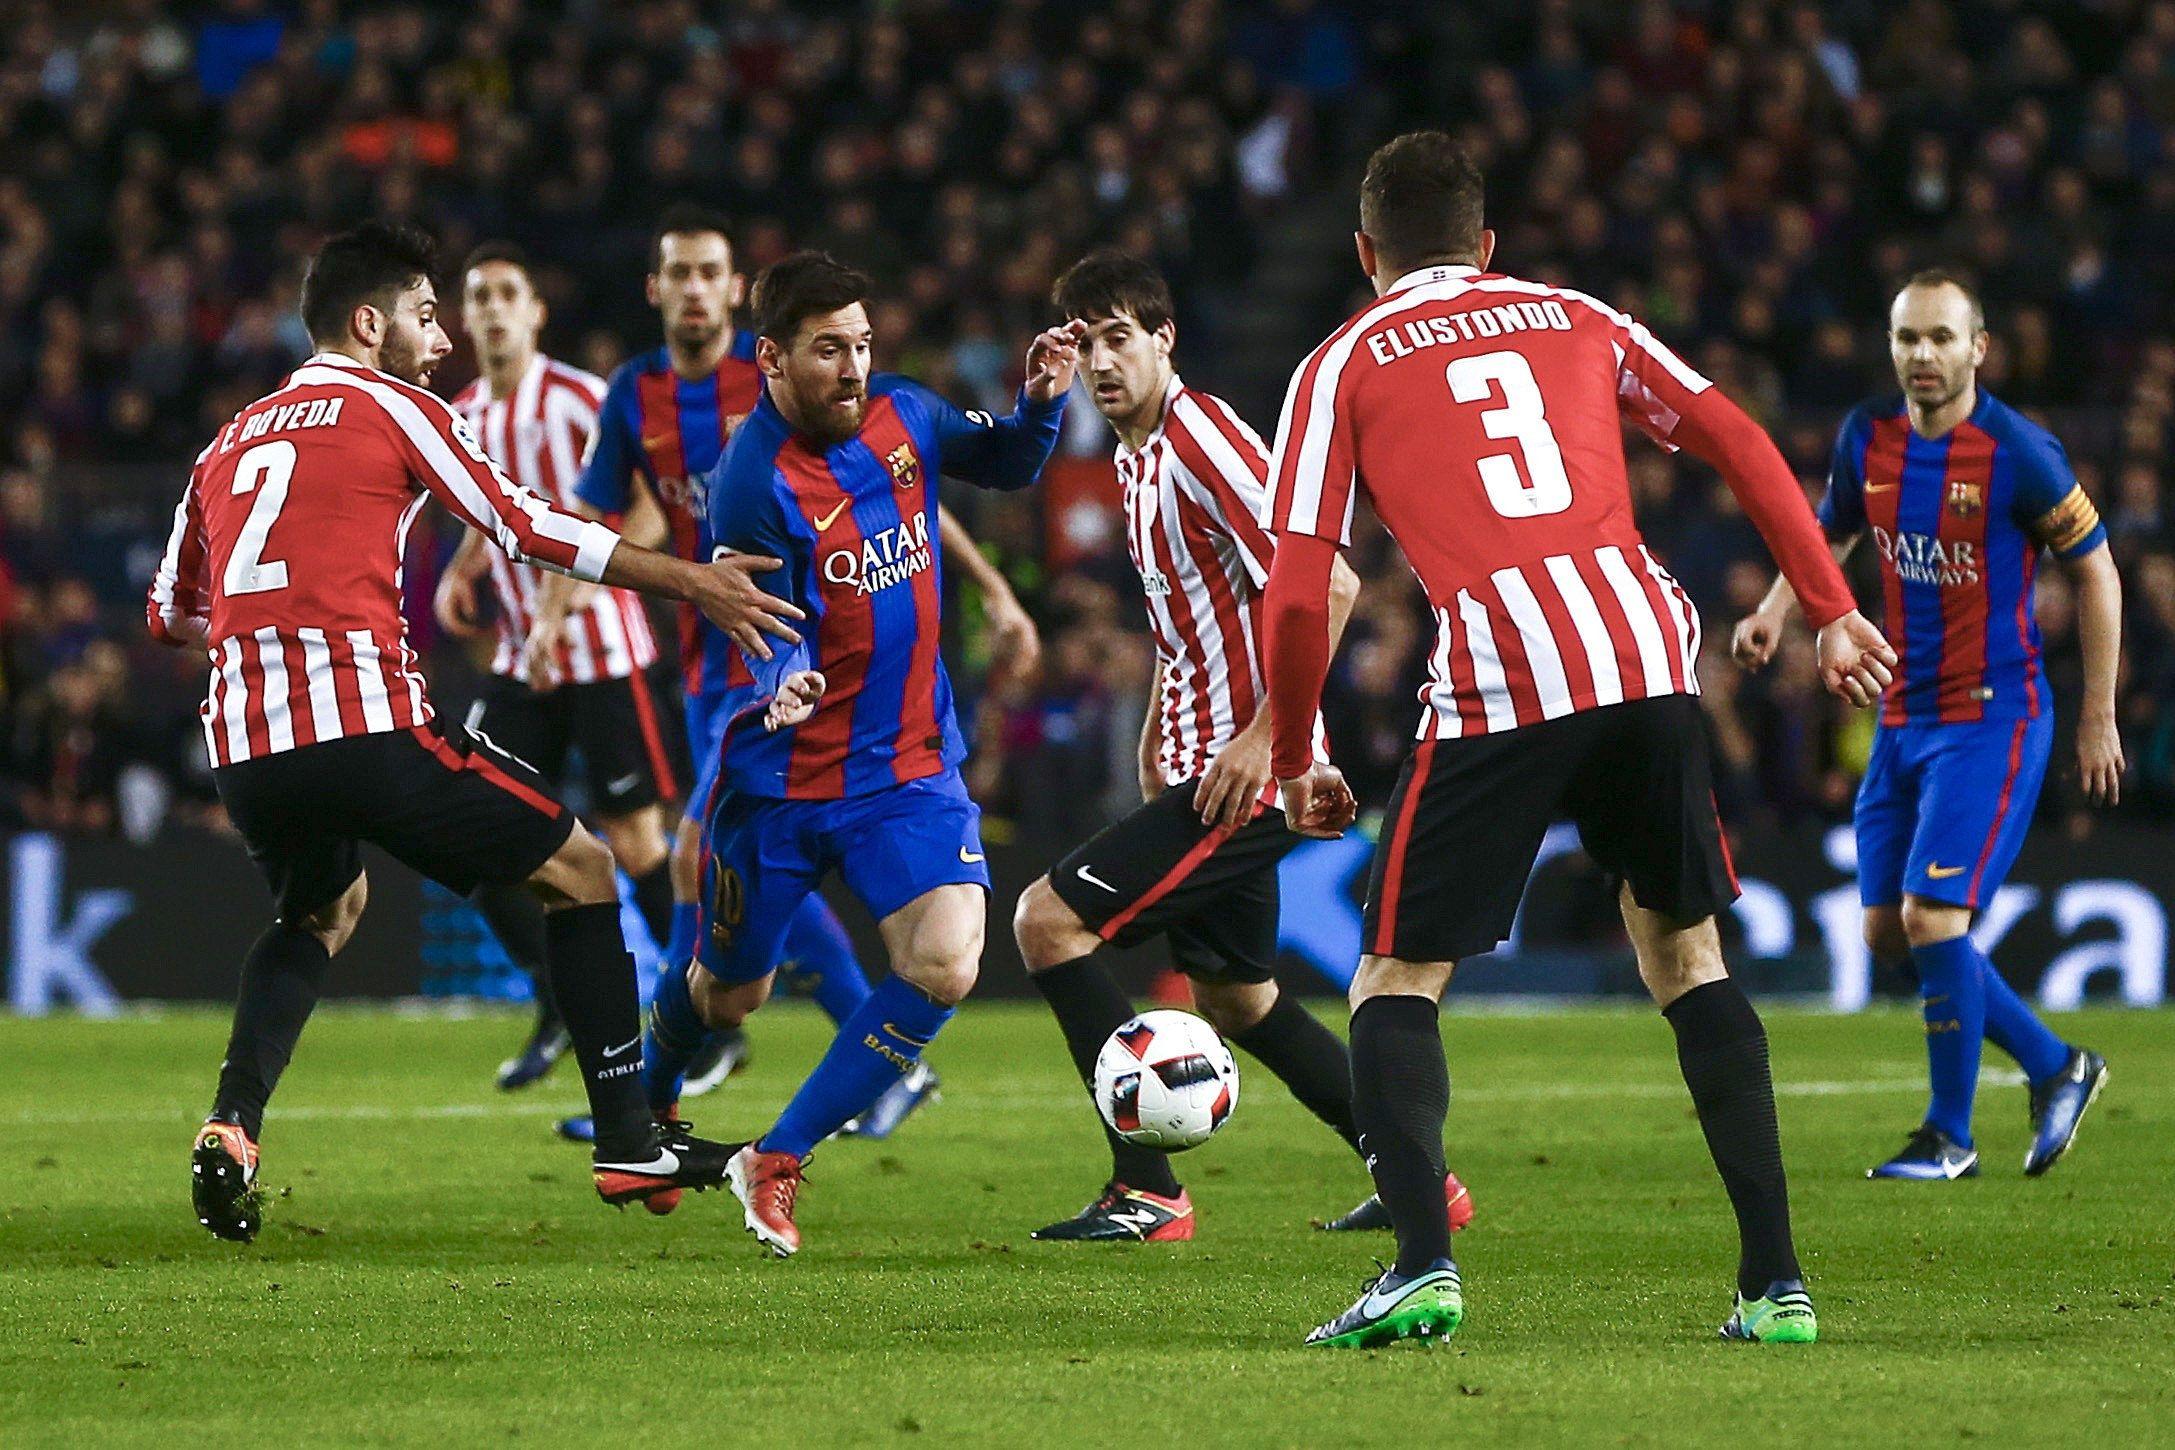 Barcelona le ganó por 3 a 1 al